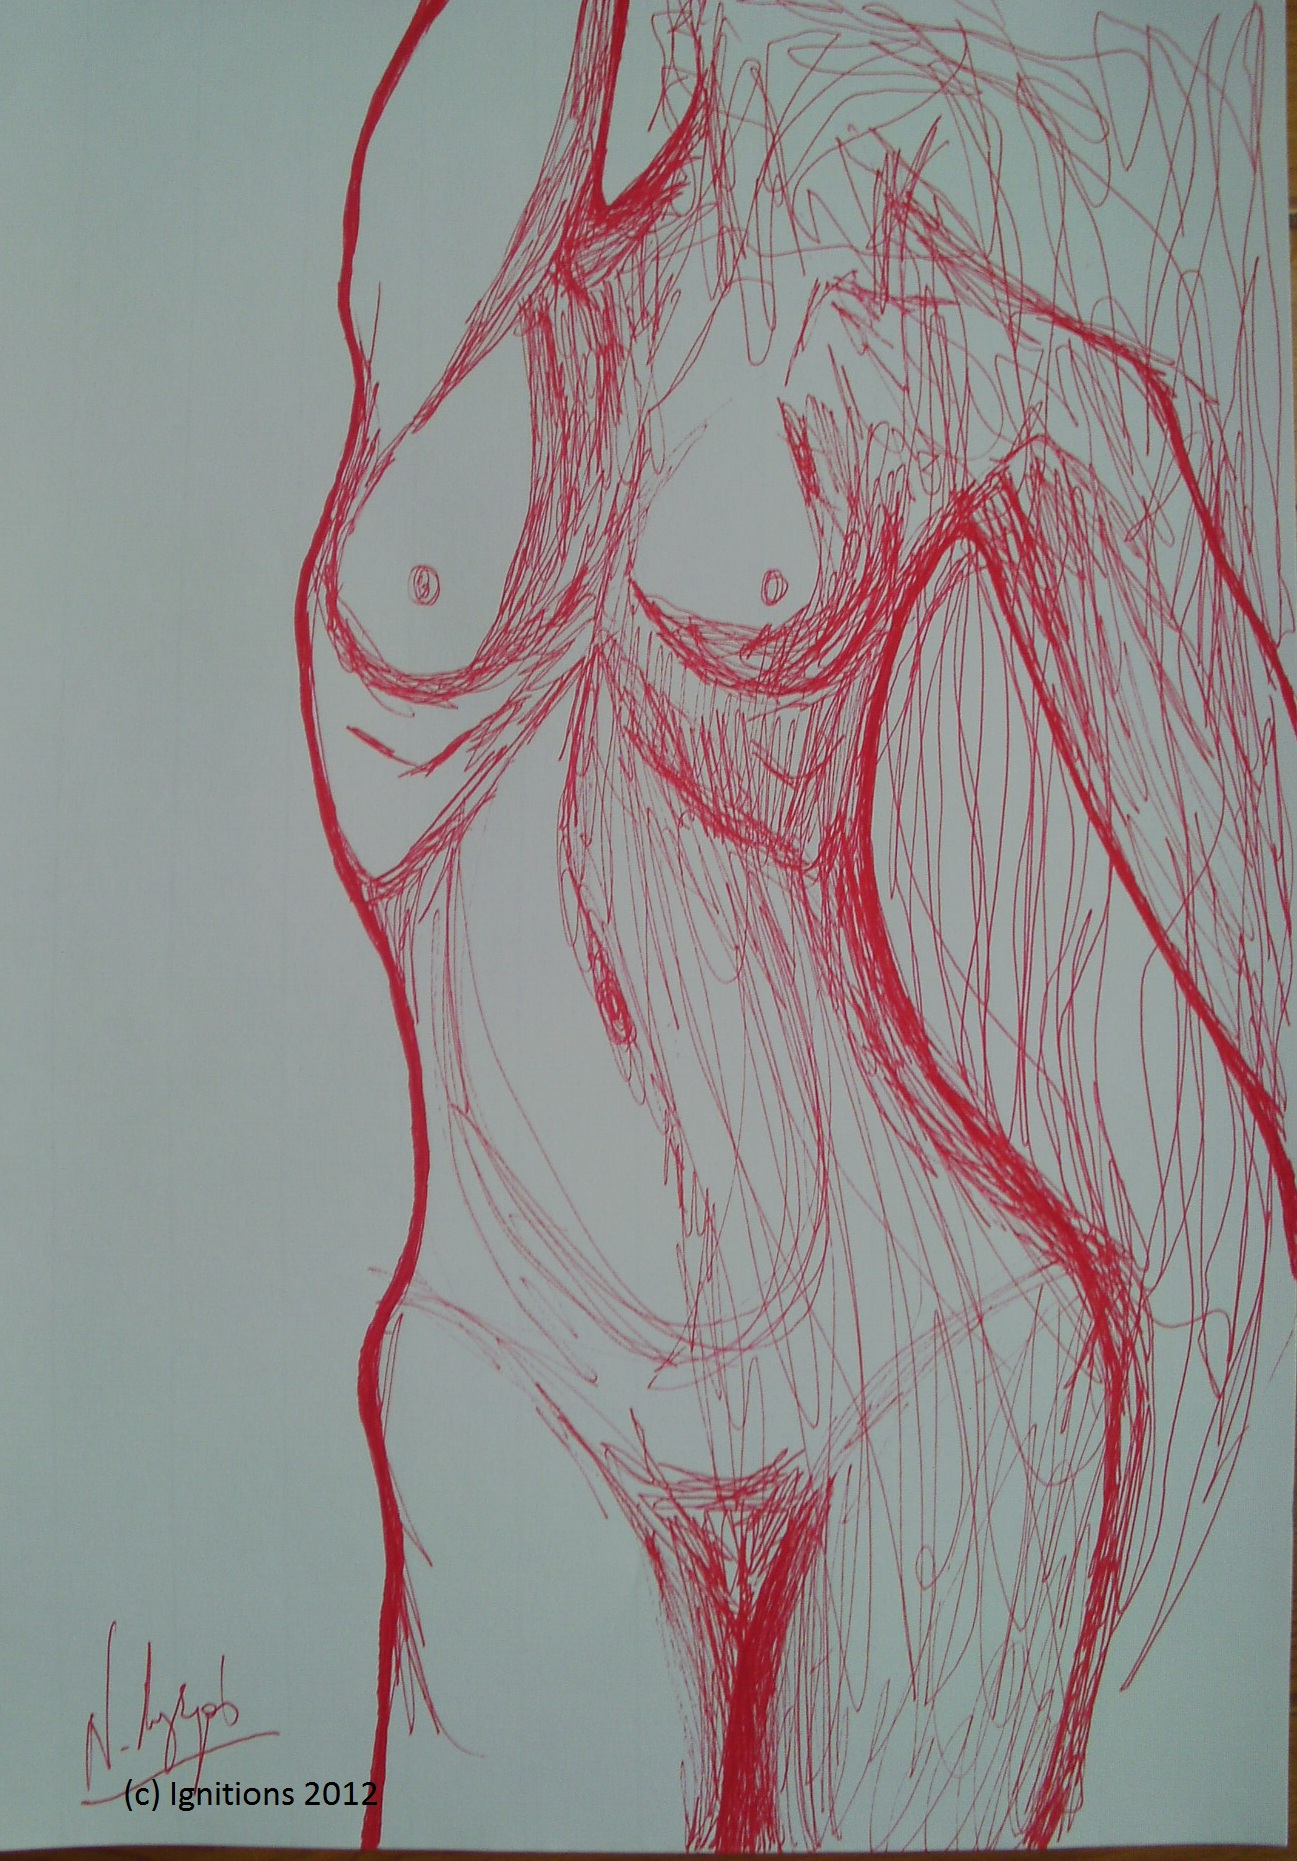 Le buste de la femme. (Feutre rouge sur papier Ingres 29.7x42). Perfection 13 7 7/2012.